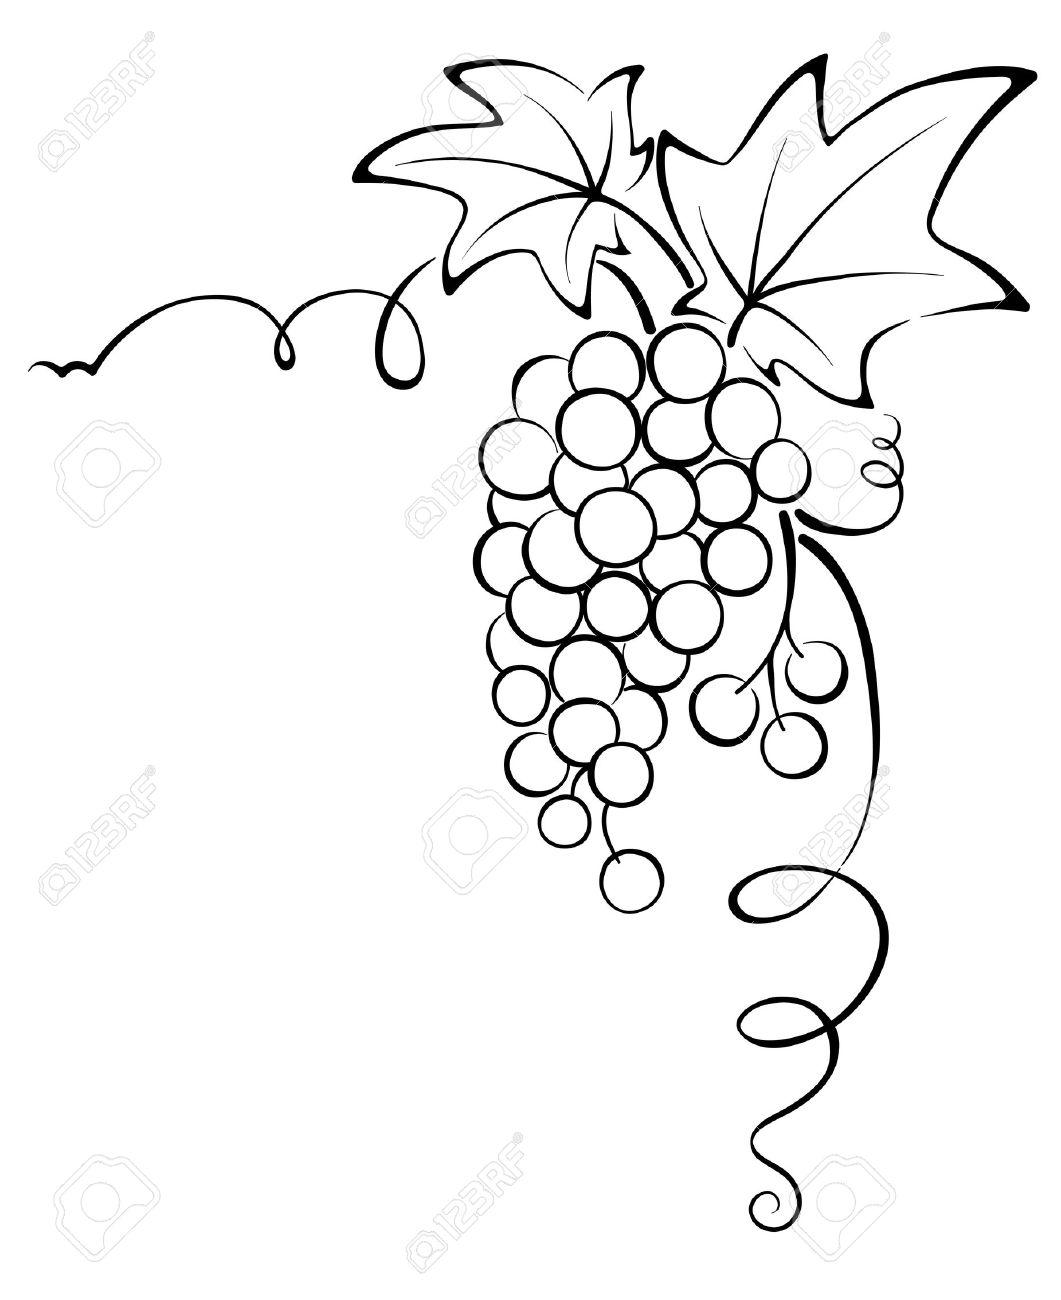 Graphic design - Grapevine Stock Vector - 13160550